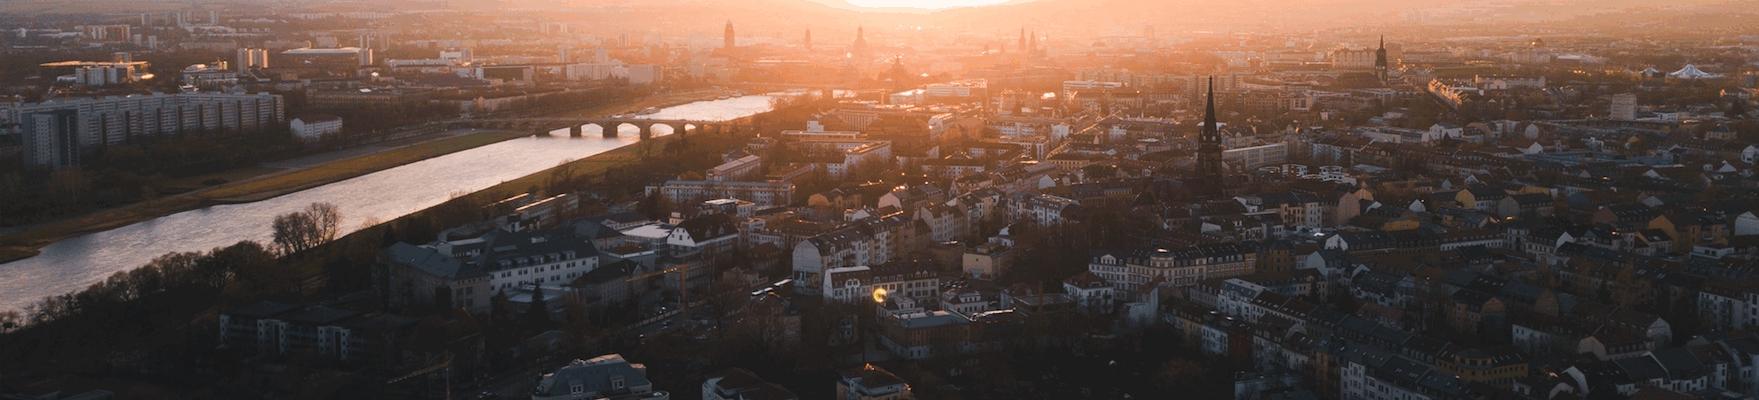 Lustige Stadtrundfahrt in sächischer Mundart Dresden  3.11.